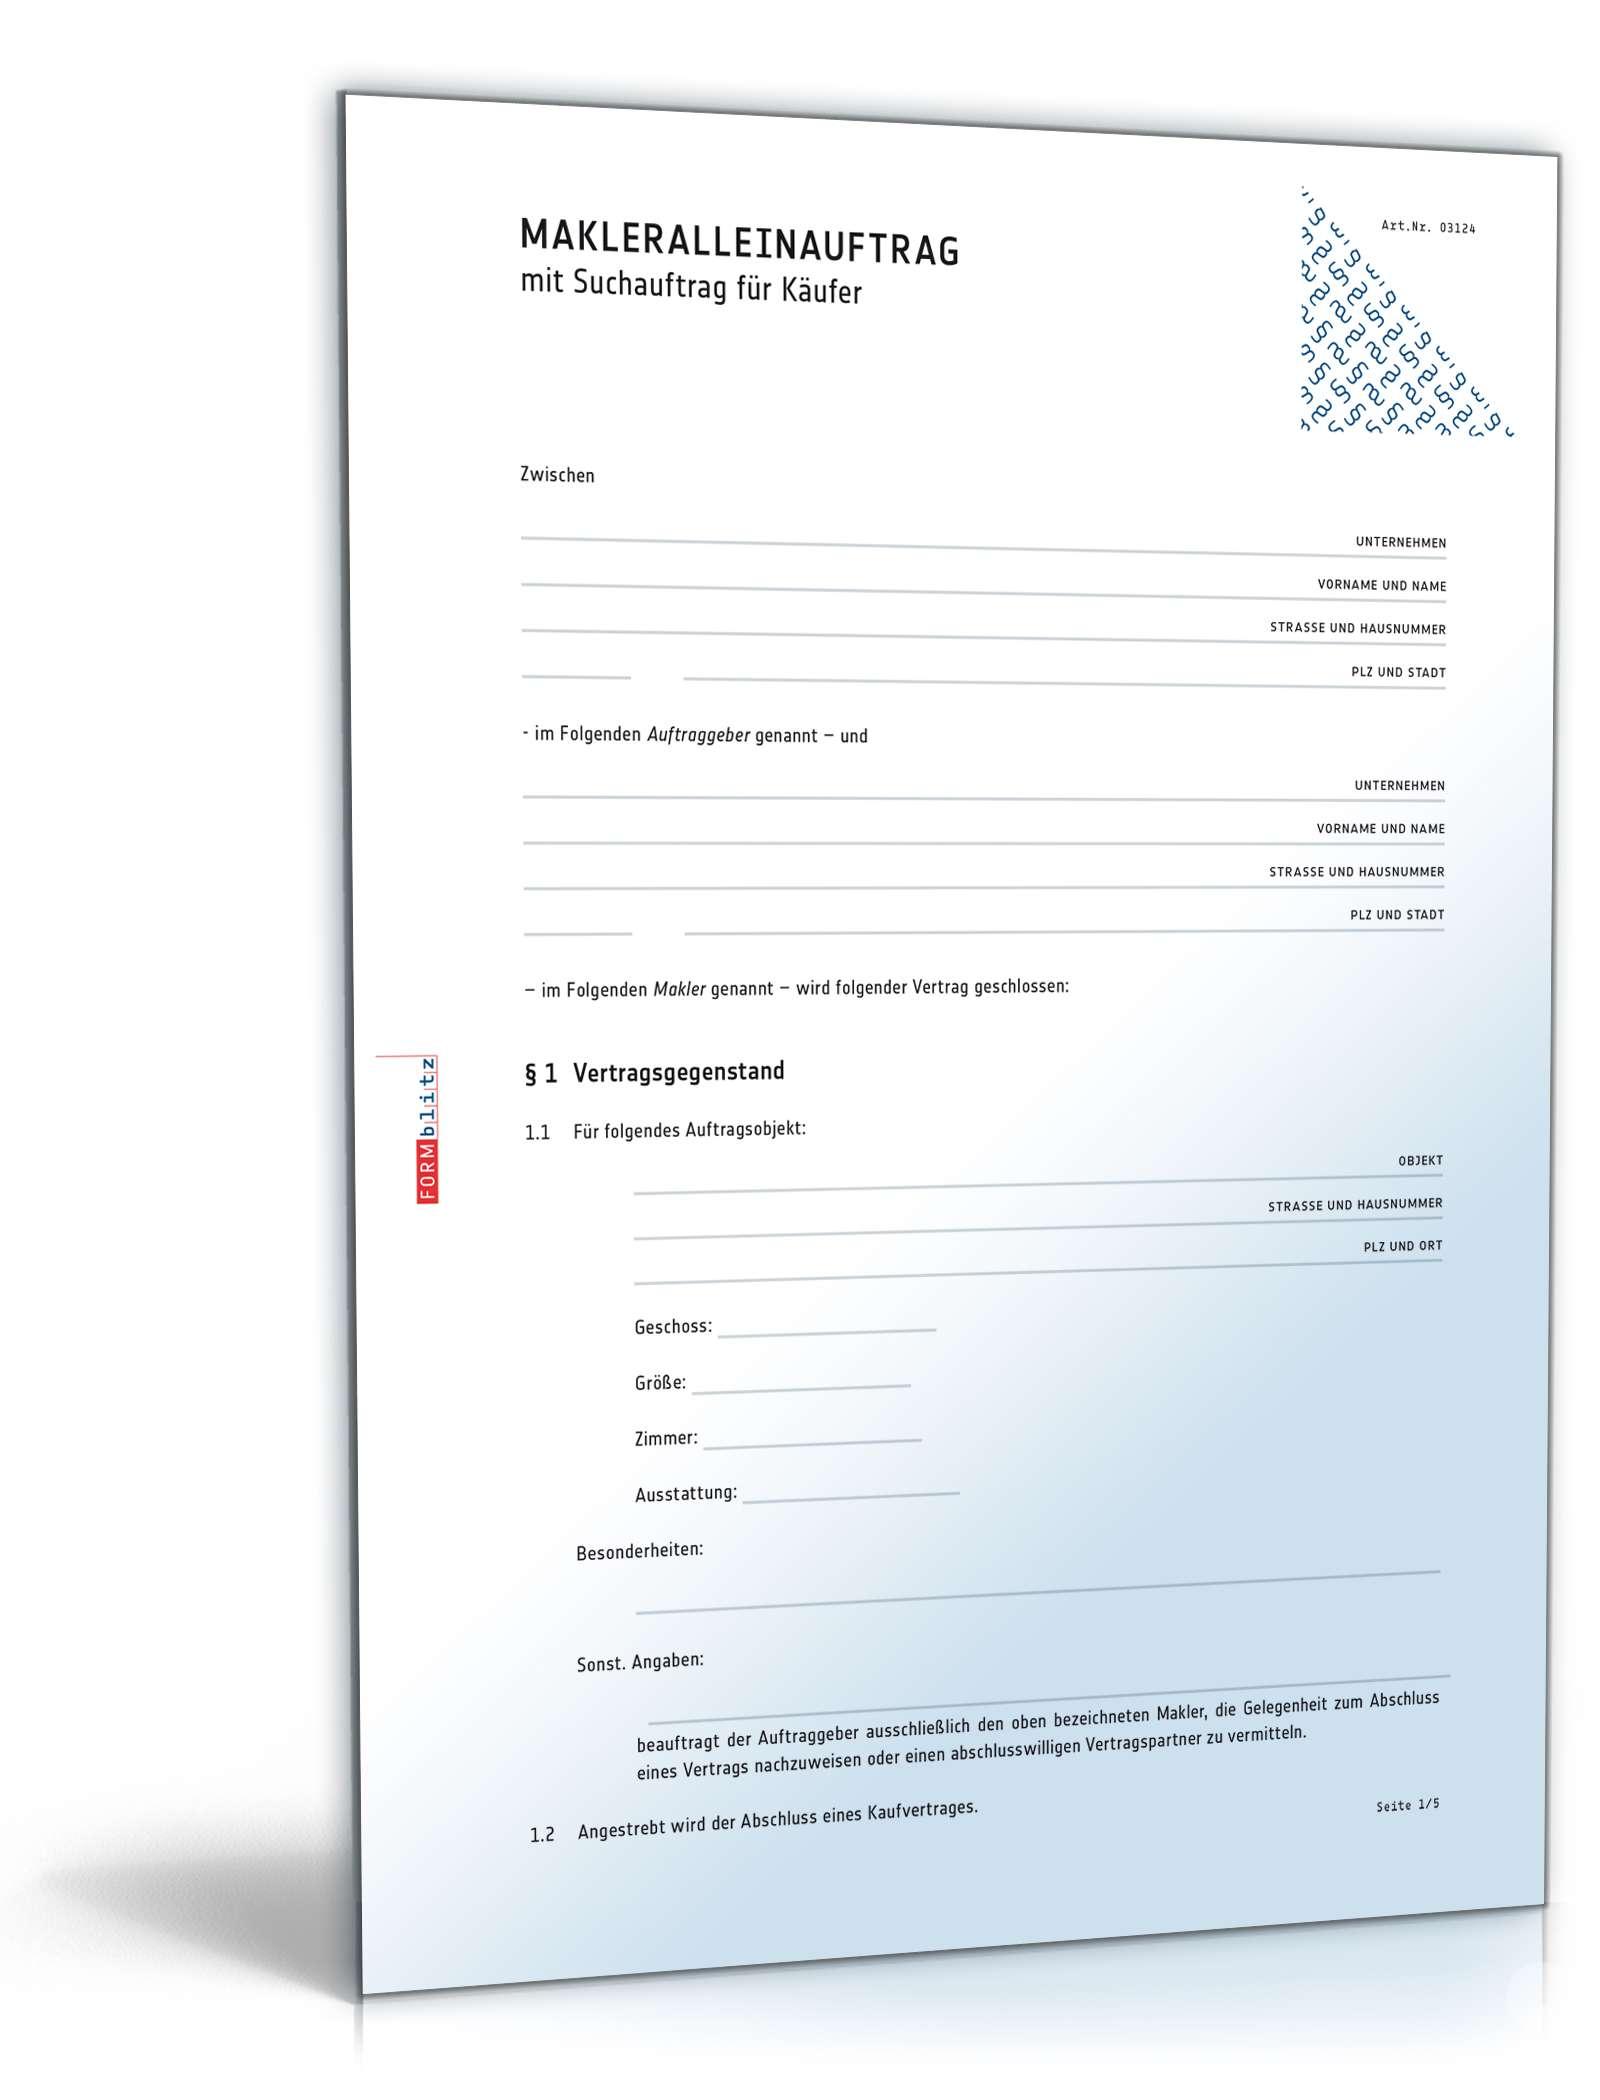 Makleralleinauftrag Suchauftrag Kaufer Muster Zum Download